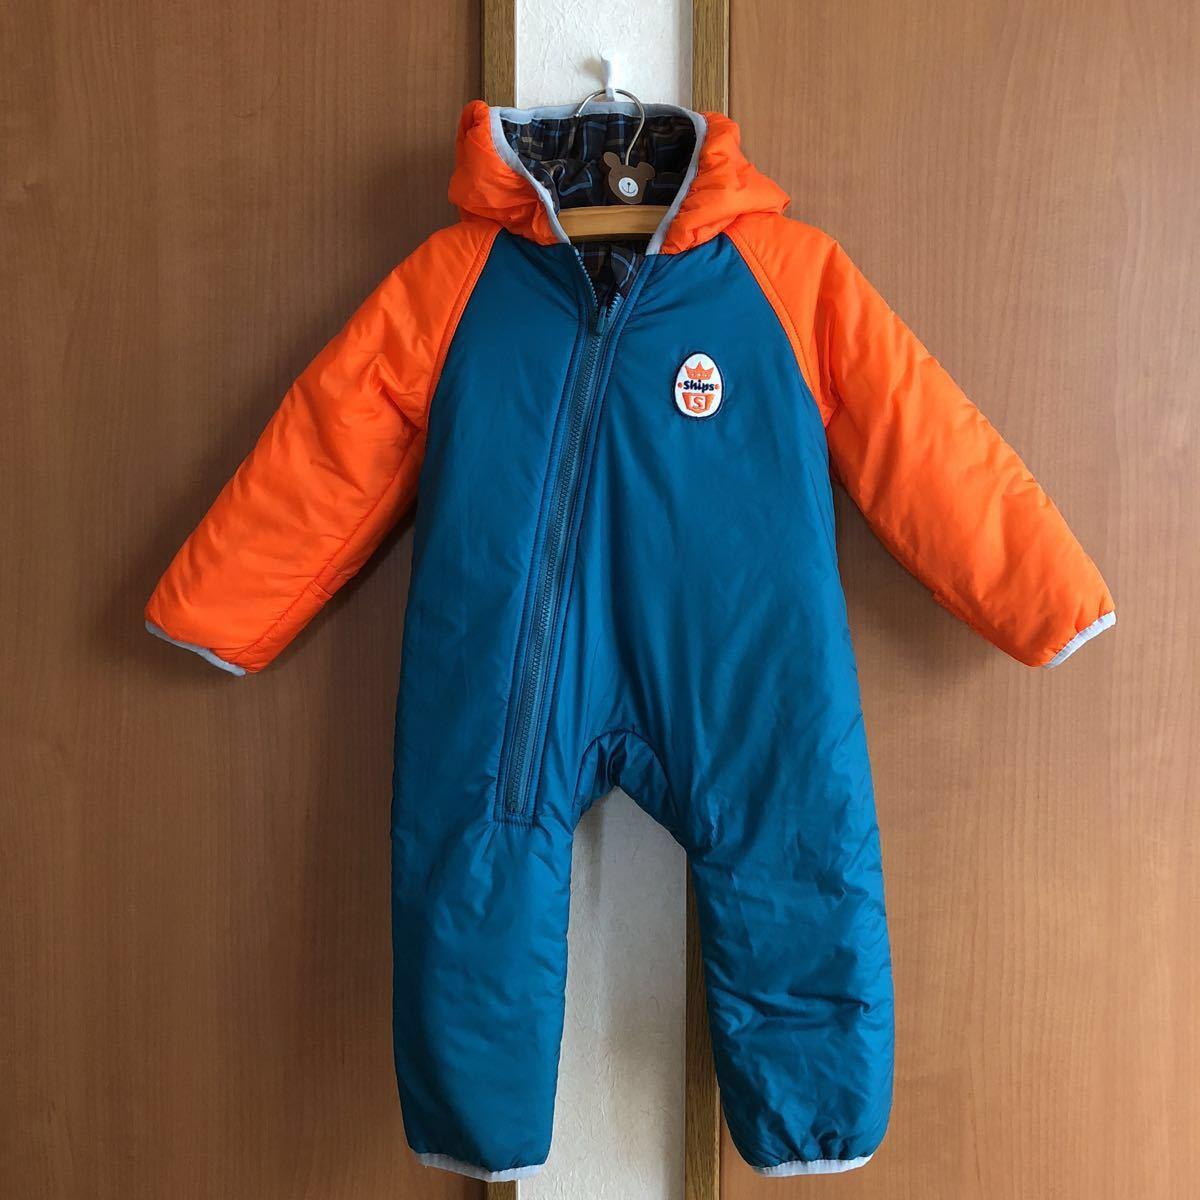 a9cfa7fe13d09 良品 シップス SHIPS リバーシブル ジャンプスーツ 防寒 カバーオール 80 90 送料500円~の1